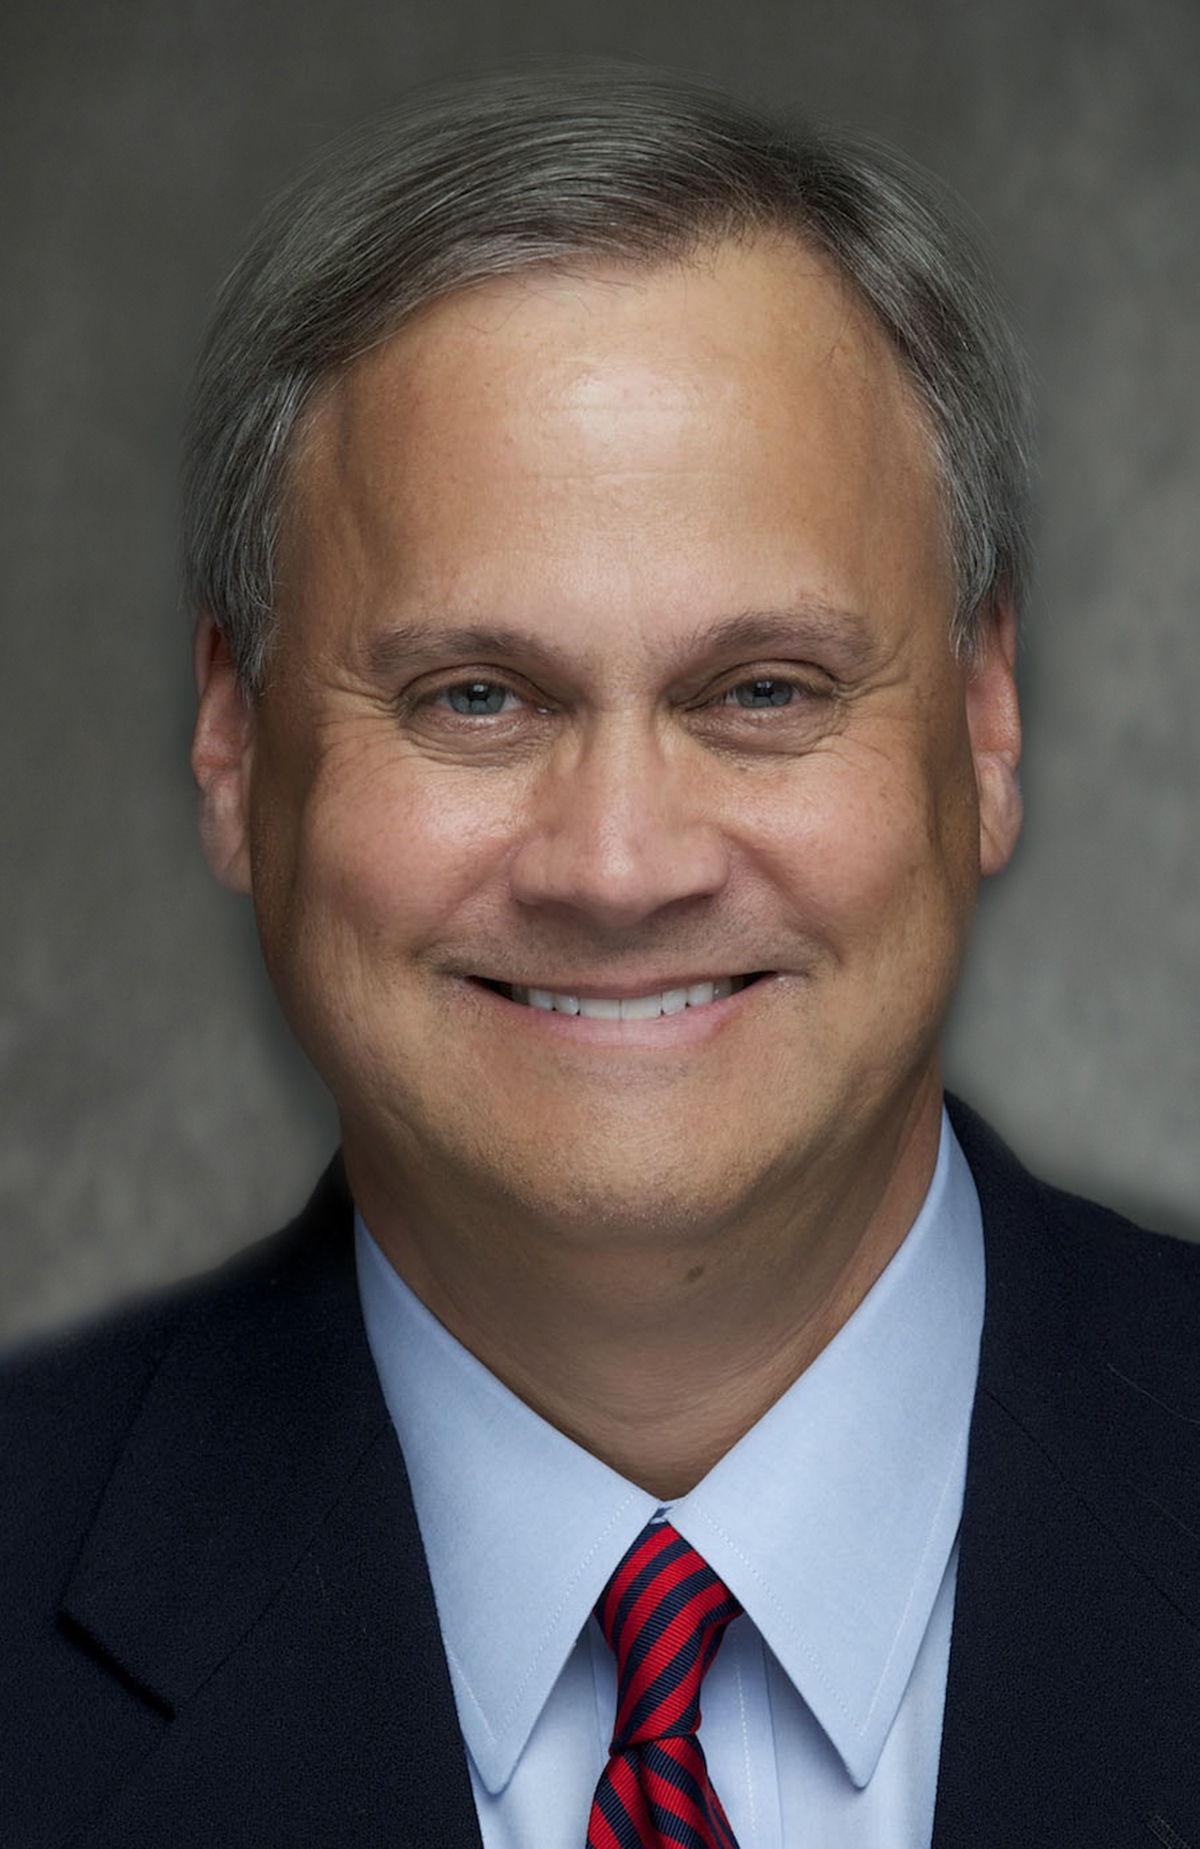 Jim Merritt